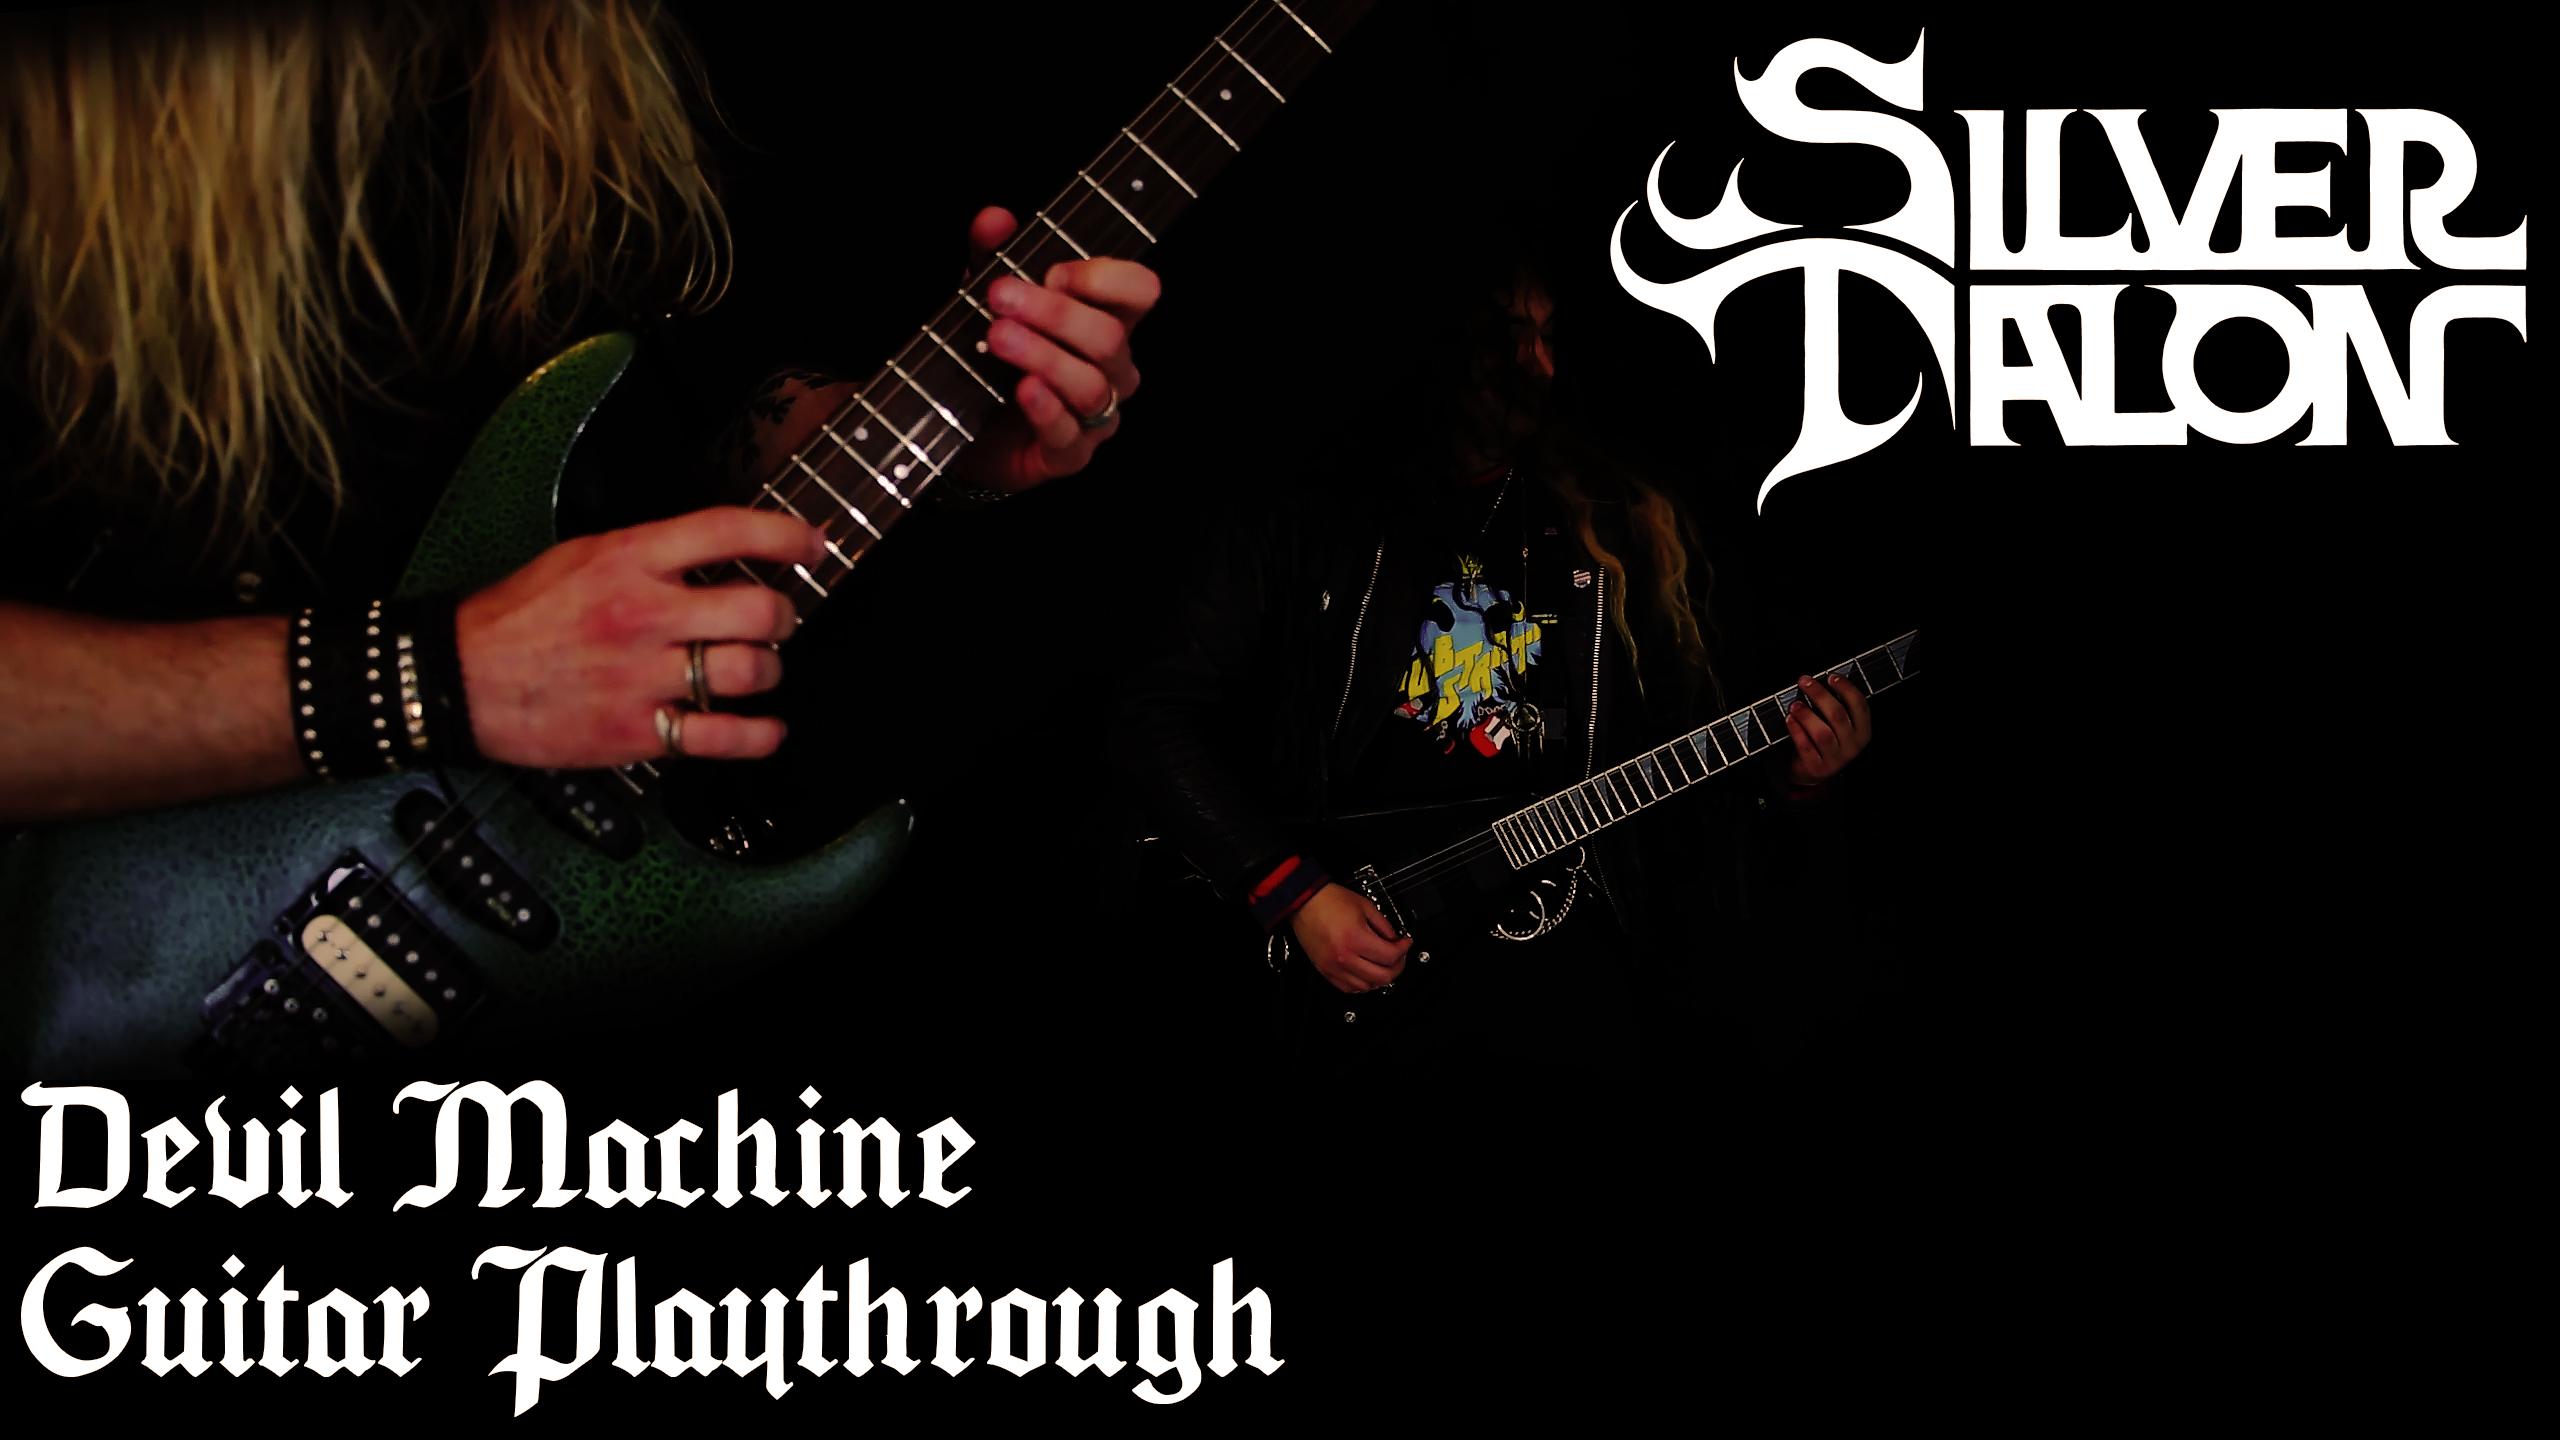 Silver Talon Devil Machine Guitar Play-through